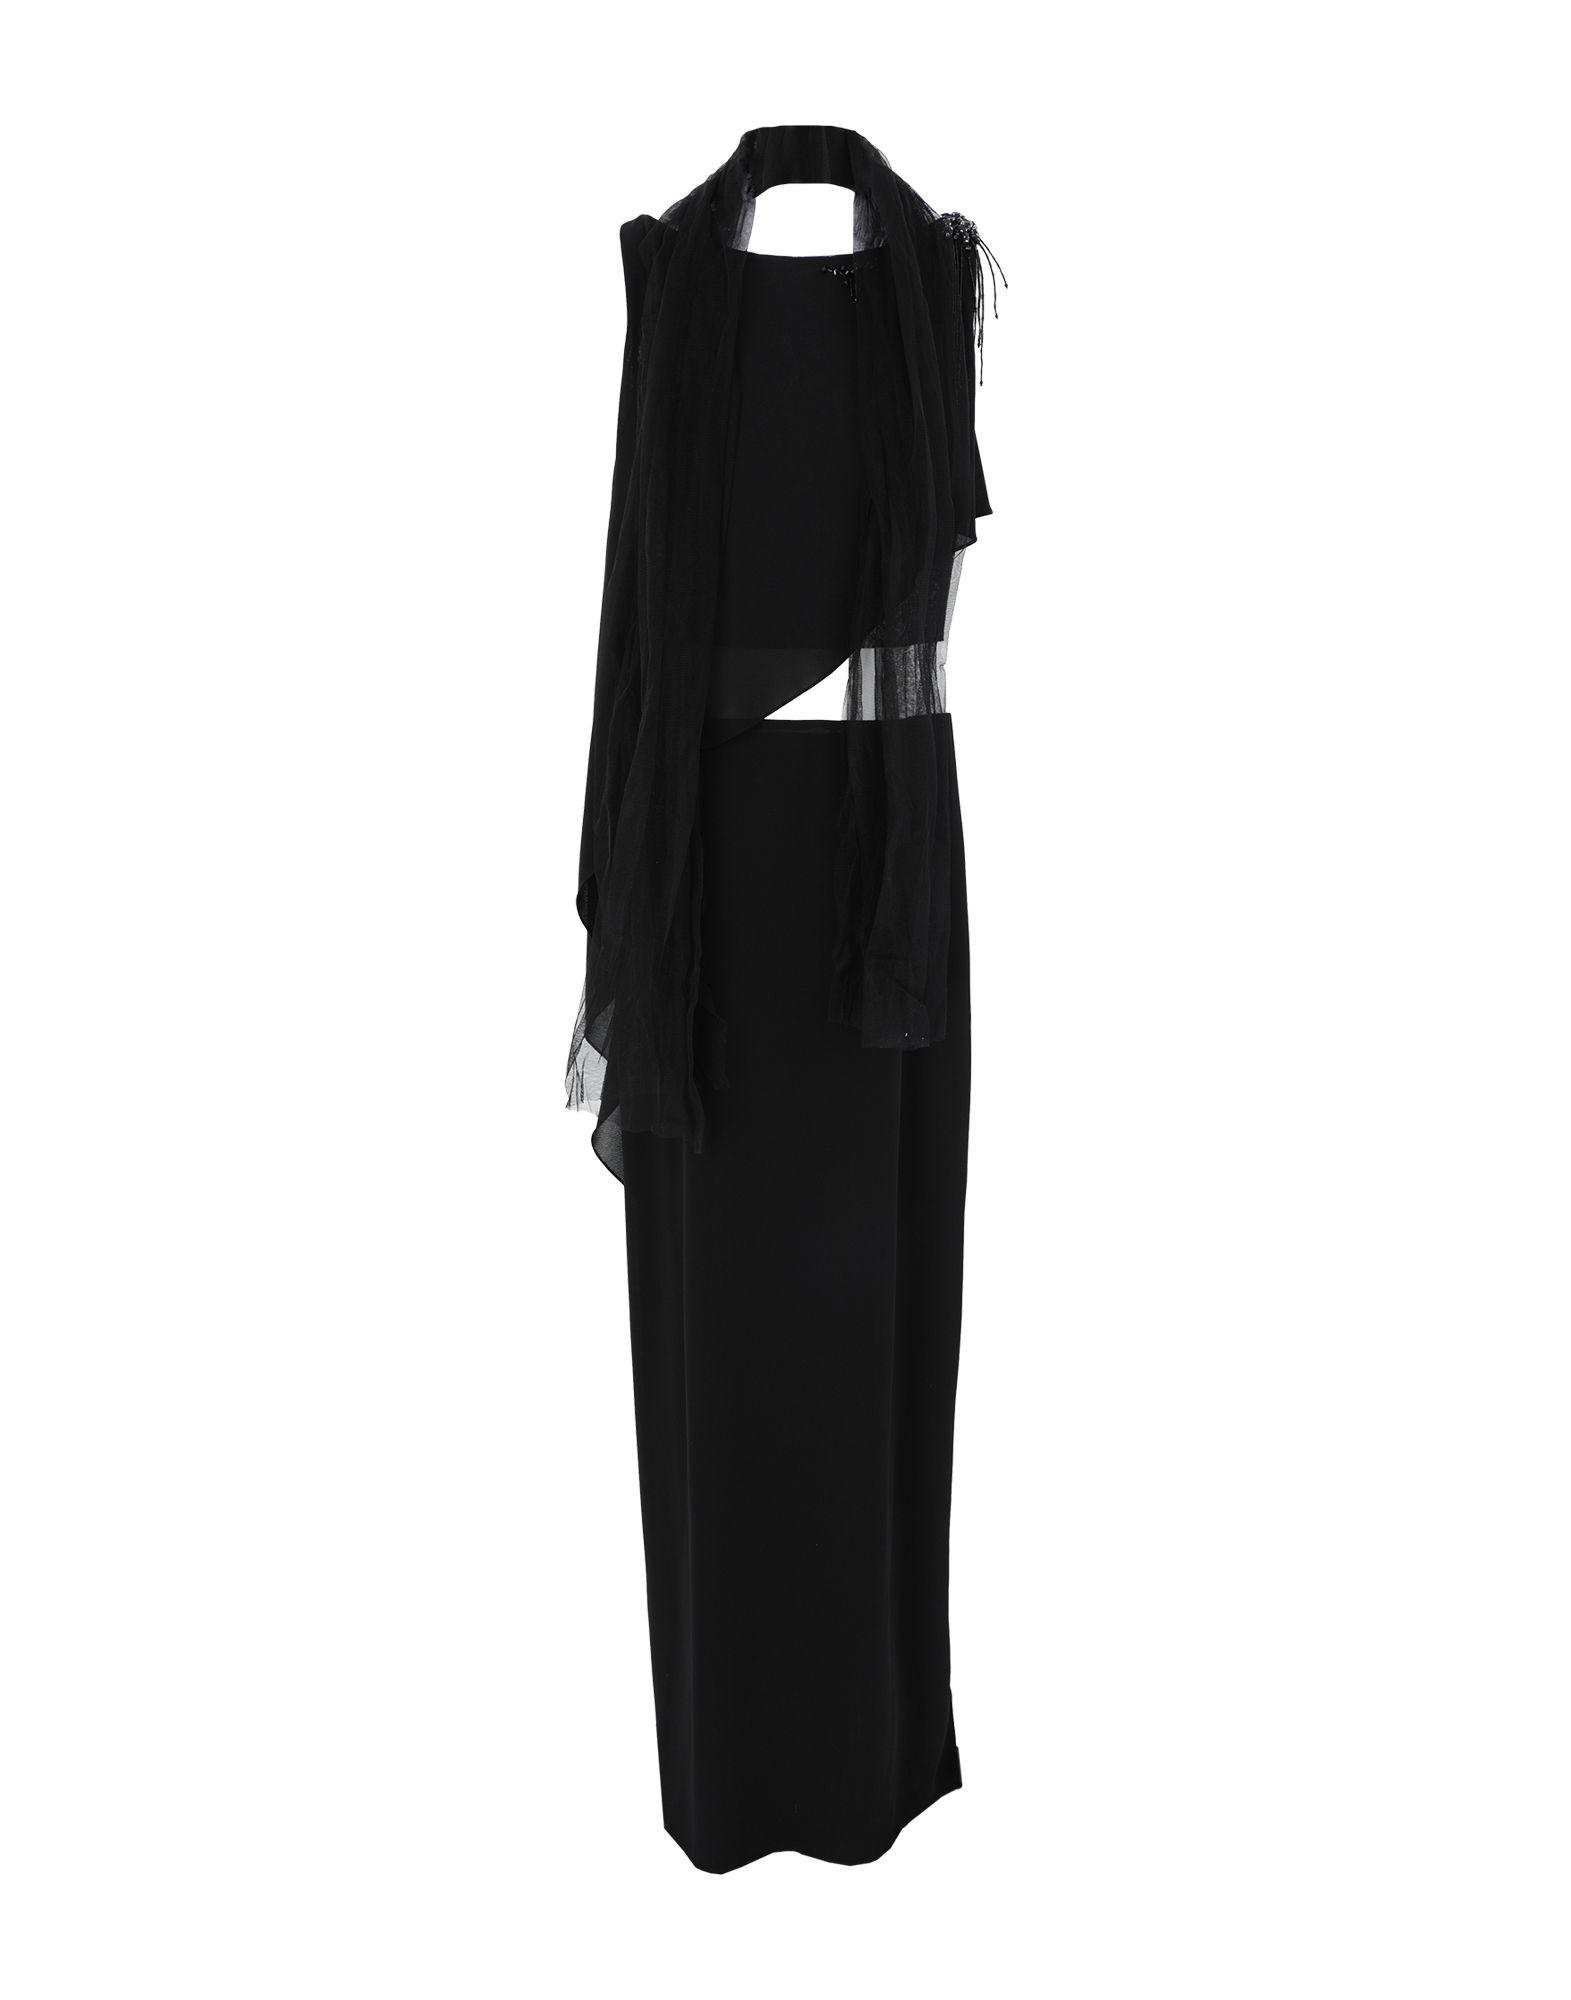 FABIANA FERRI Длинное платье